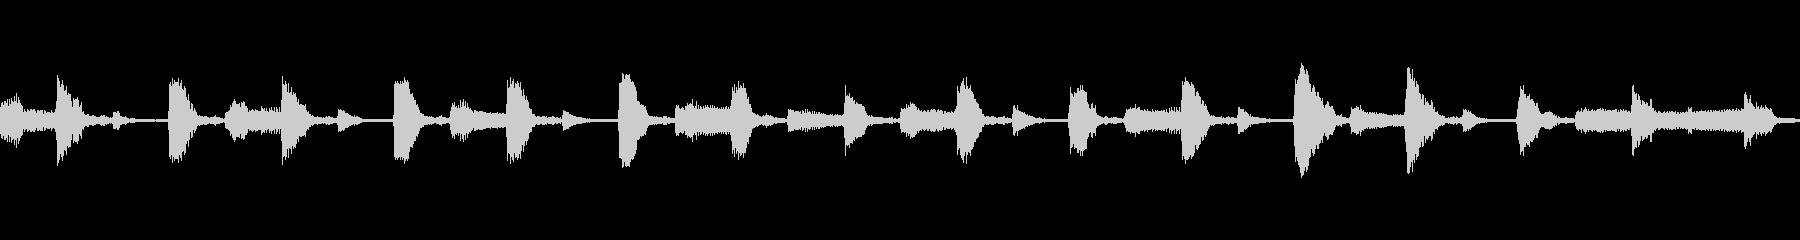 フルート/レコーダー、アコーディオ...の未再生の波形